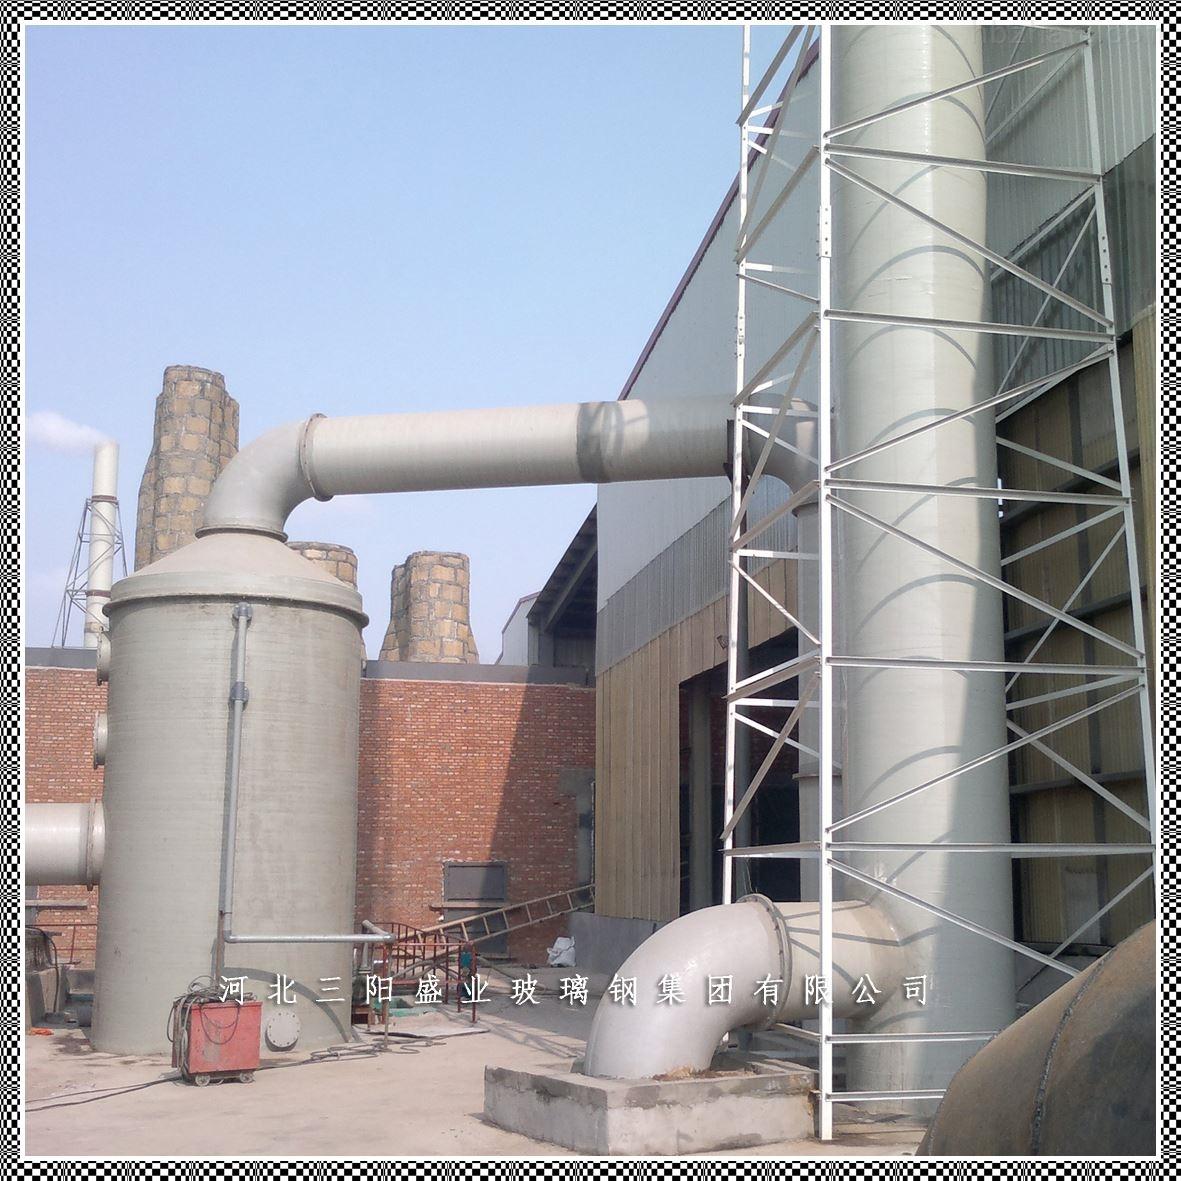 盐酸尾气吸收塔装置